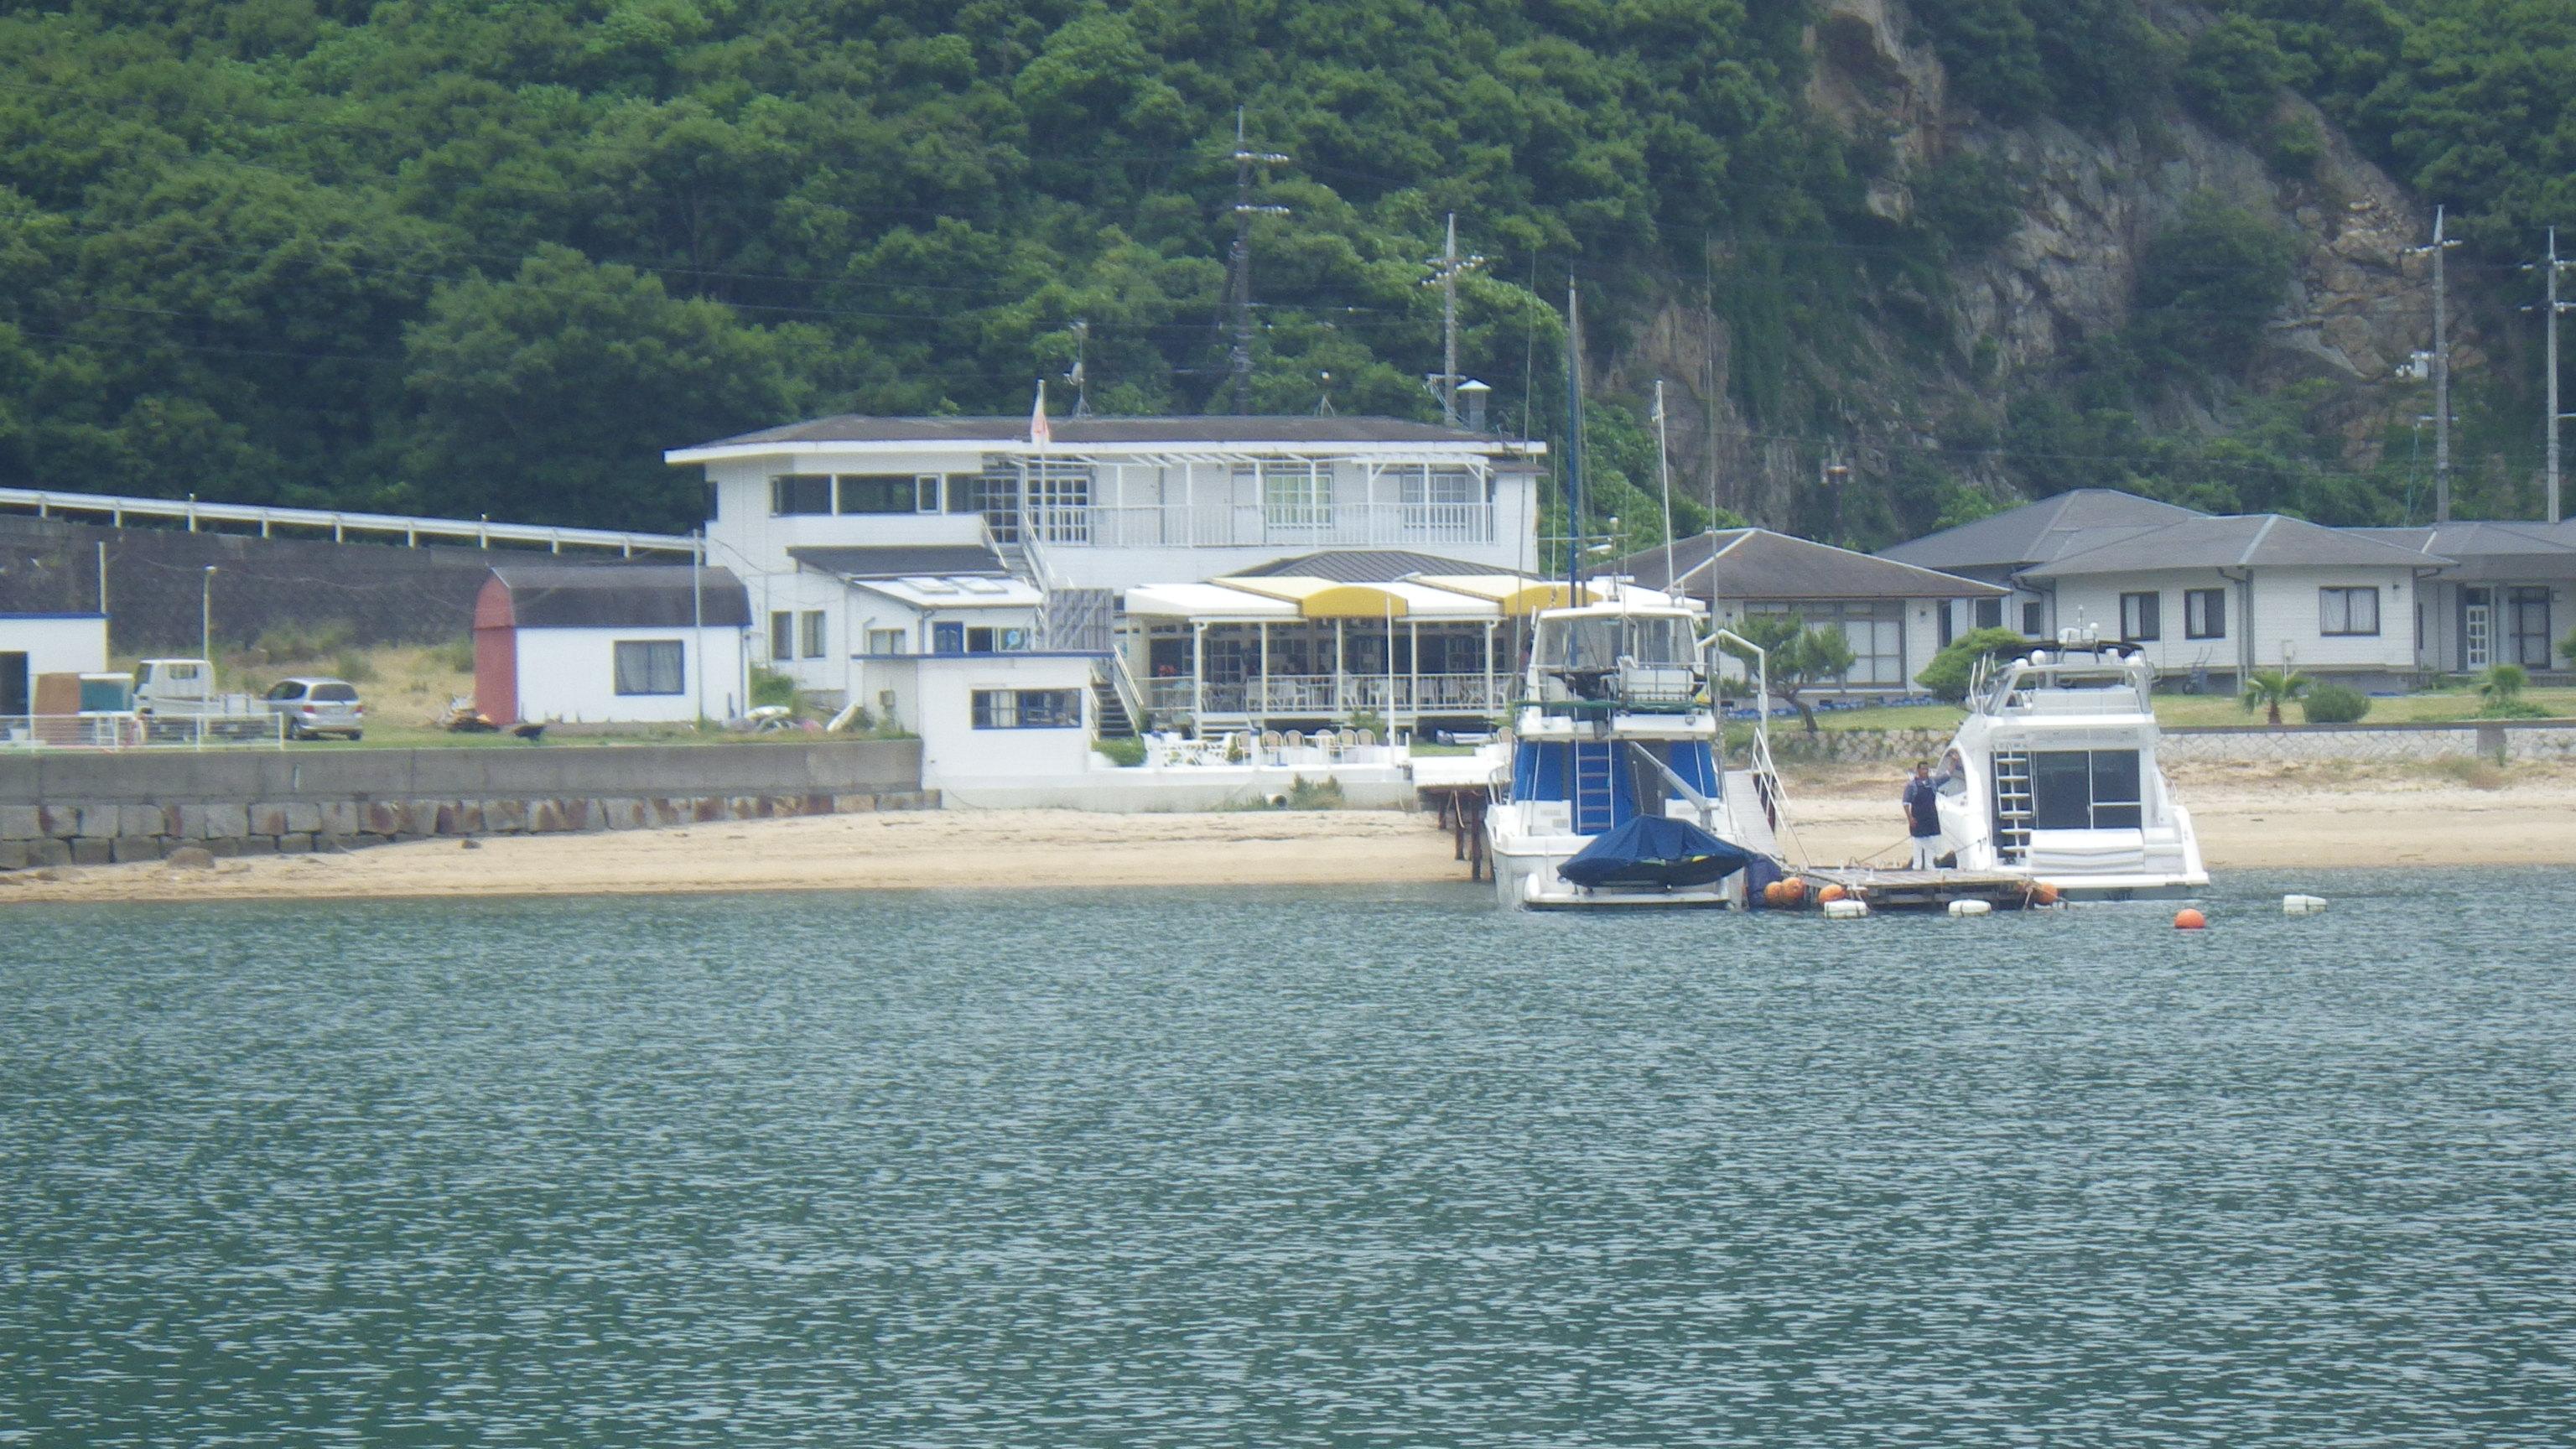 小豆島、シータイガーアイランドイン、今度行く日まで待っててください!!